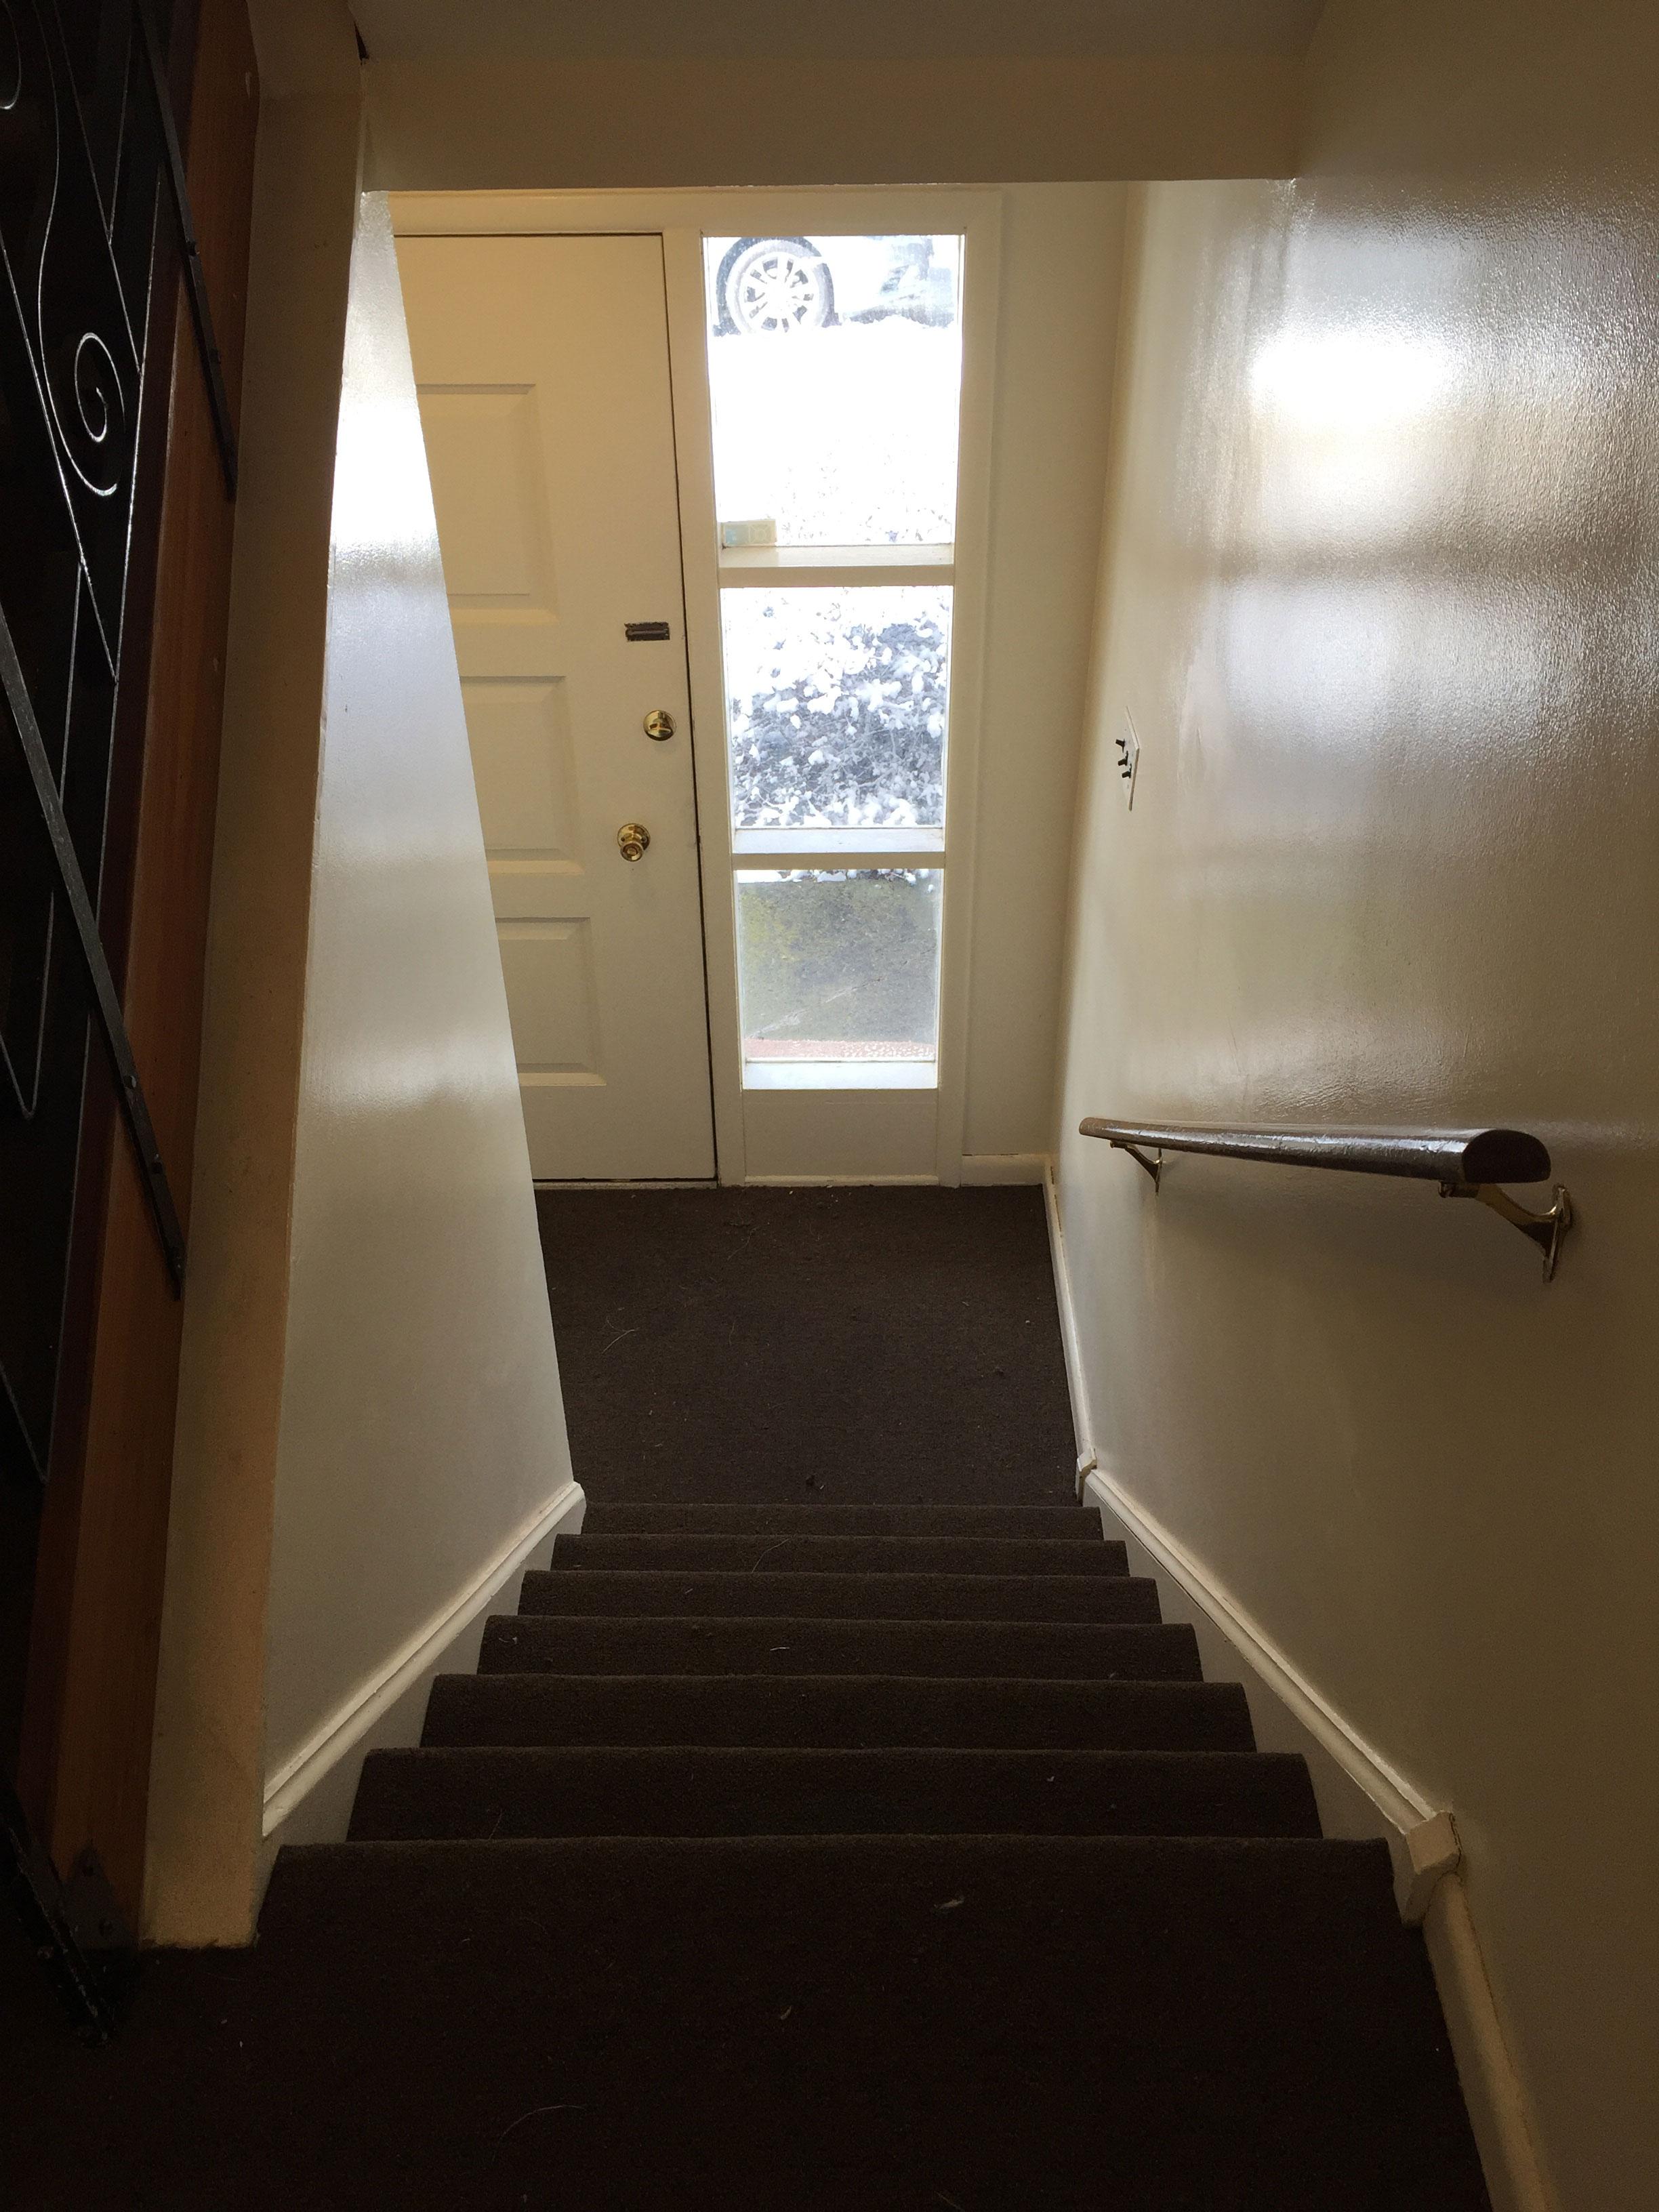 237 Ardmore interior stairwell